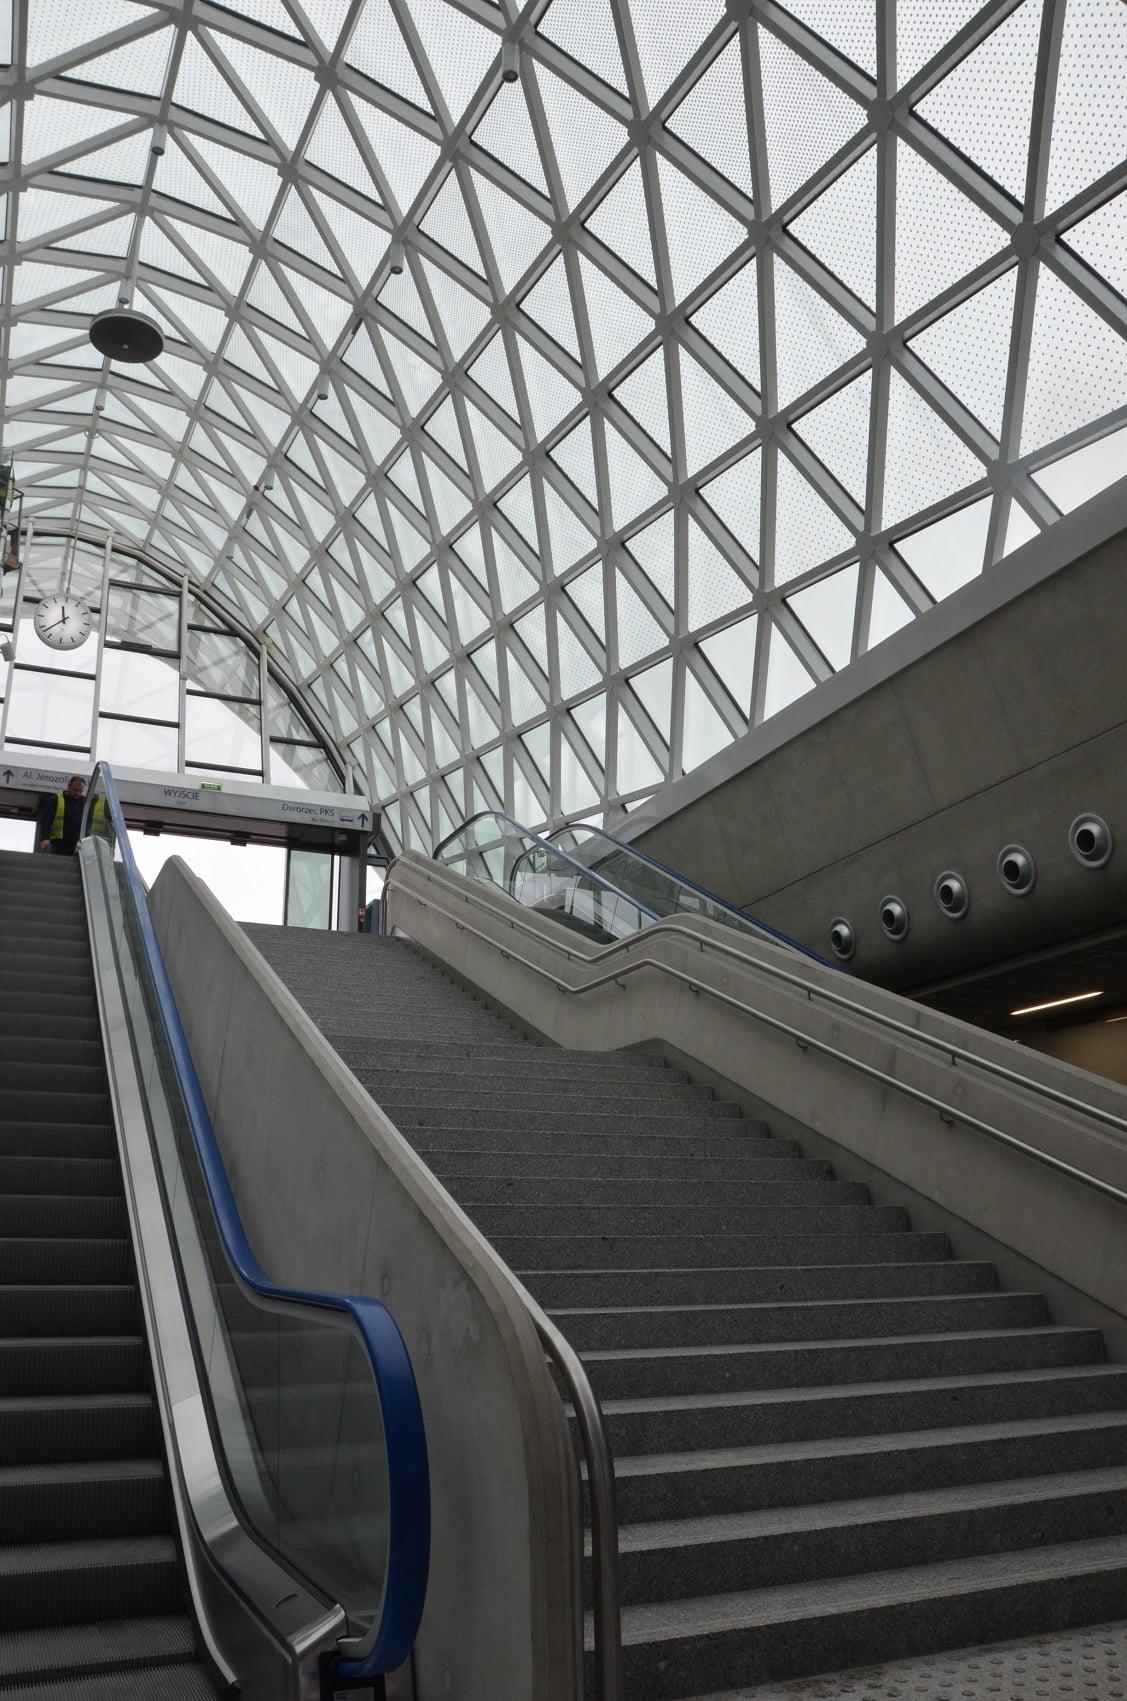 The new Warszawa Zachodnia station opens tomorrow | HB Reavis